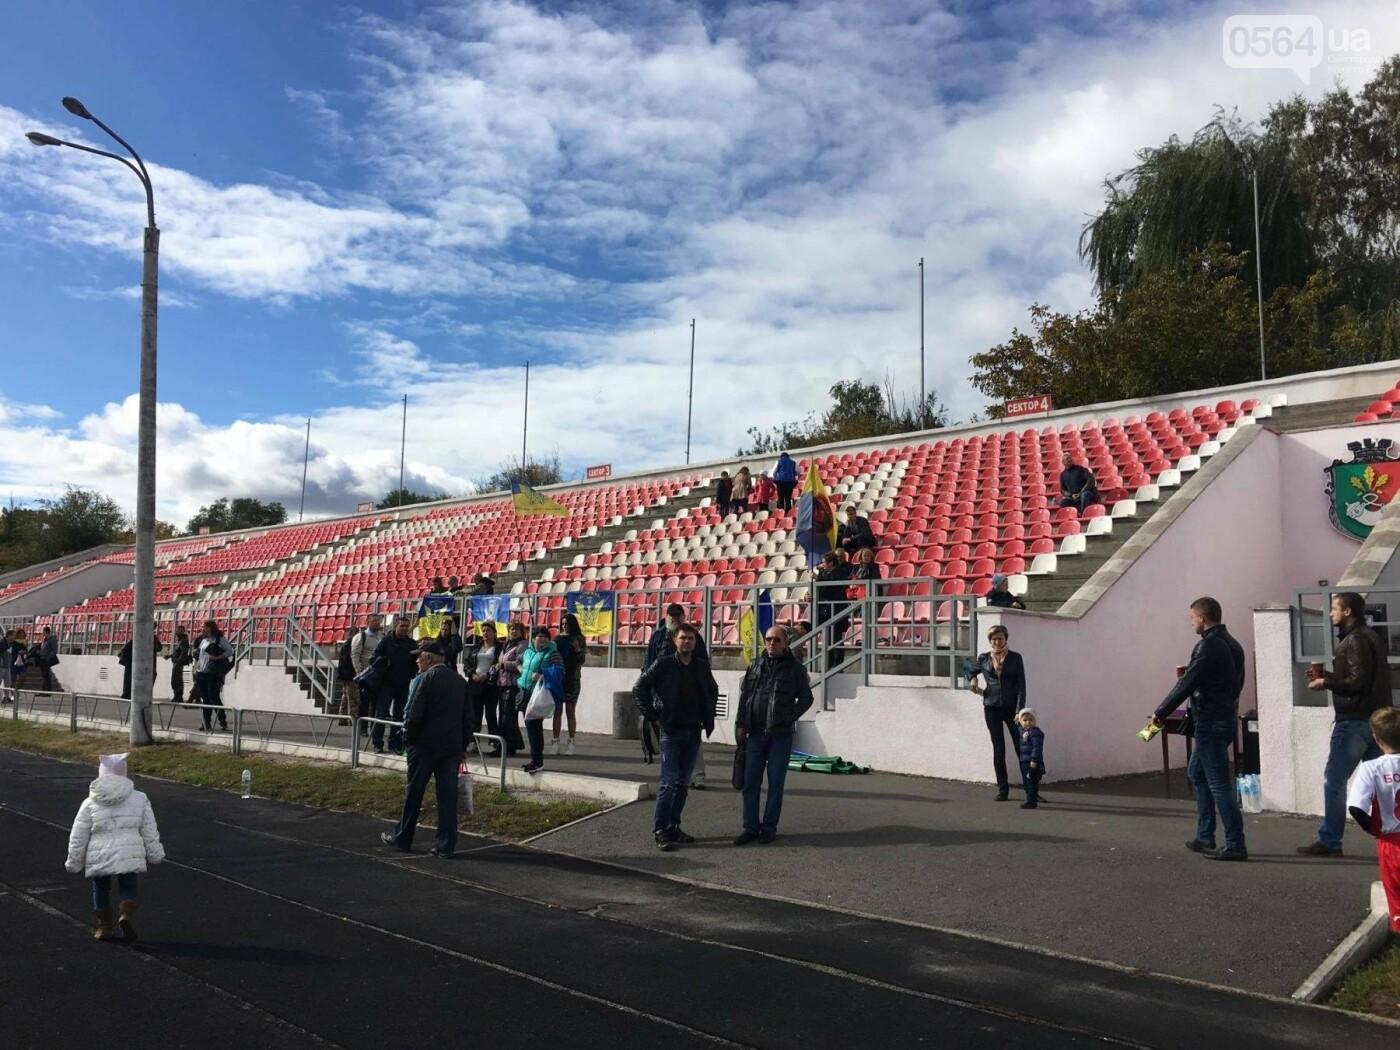 Криворожане пришли на футбольный матч чтобы поддержать бойцов АТО (ФОТО, ВИДЕО), фото-8